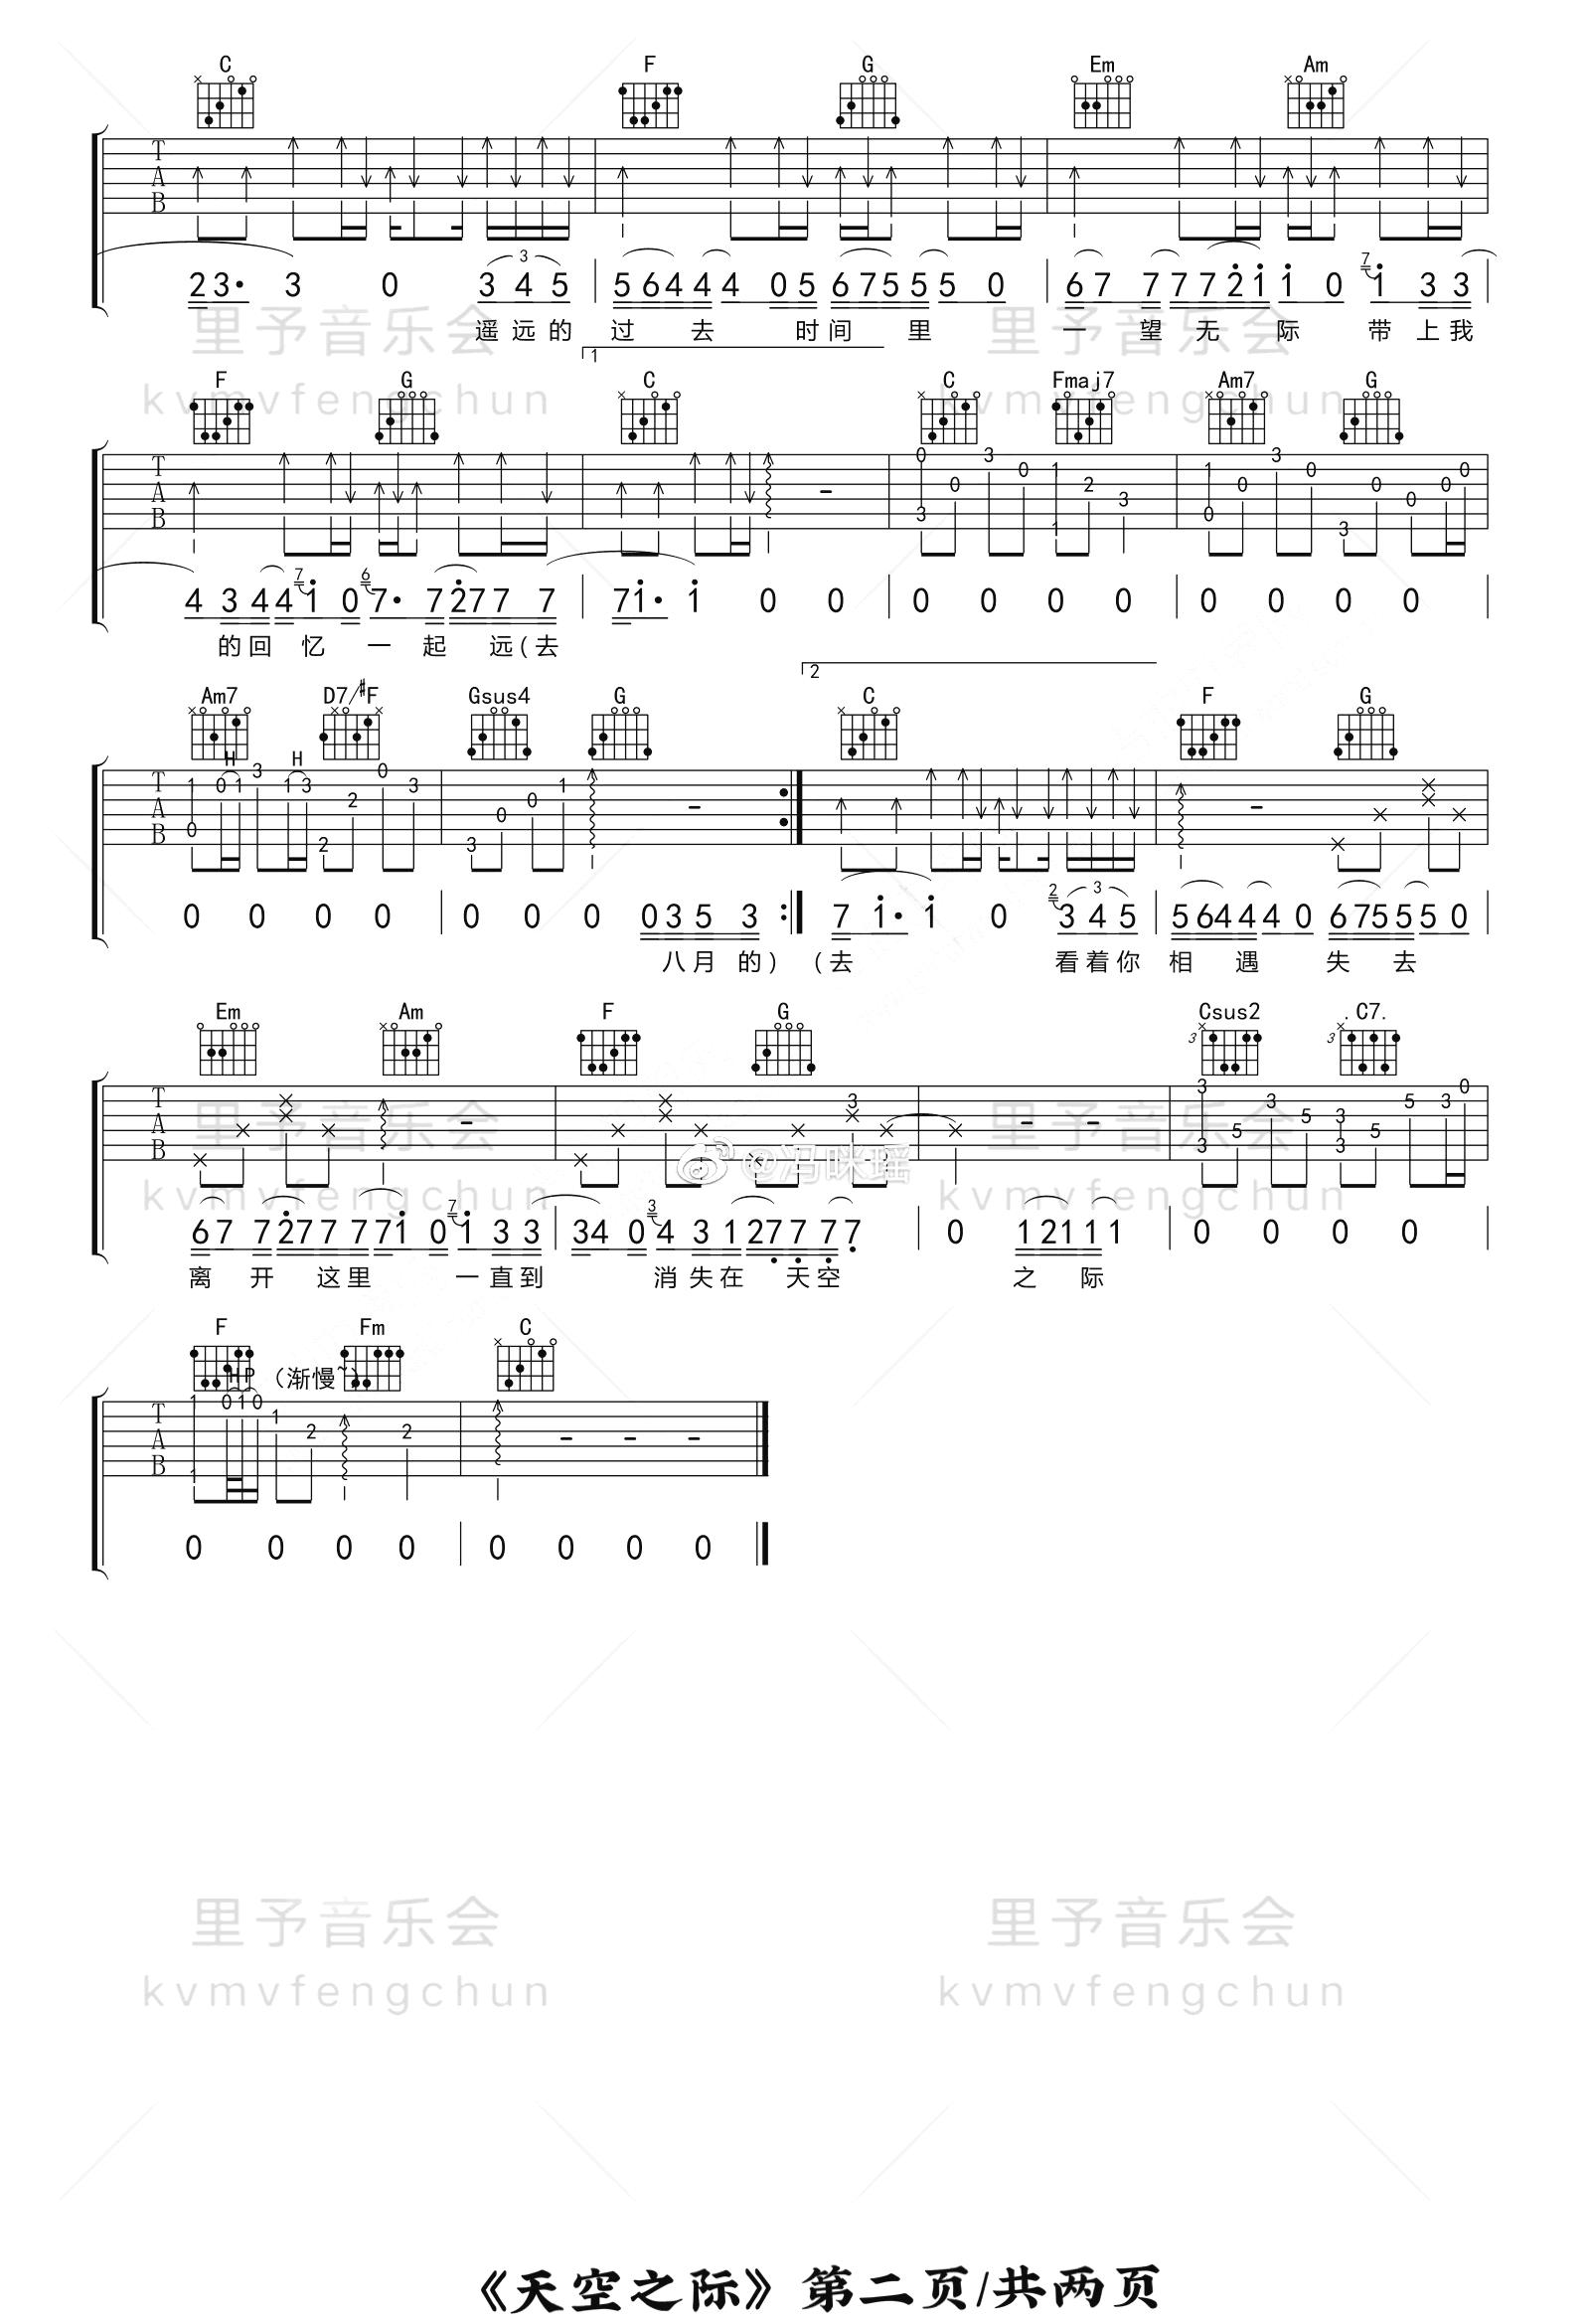 枯木逢春-天空之际吉他谱-2